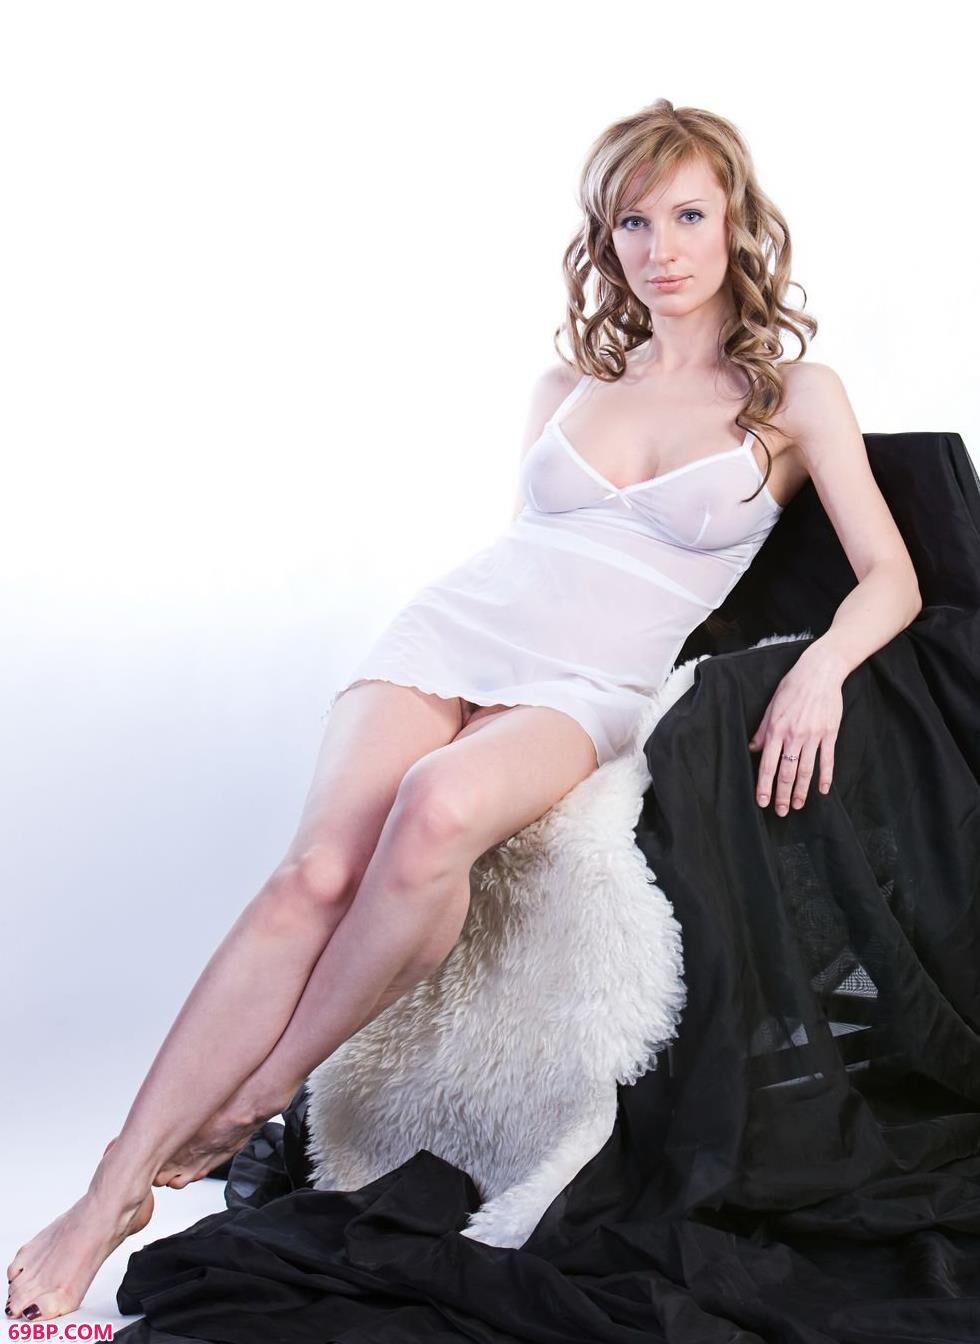 裸模Olga棚拍丰腴人体